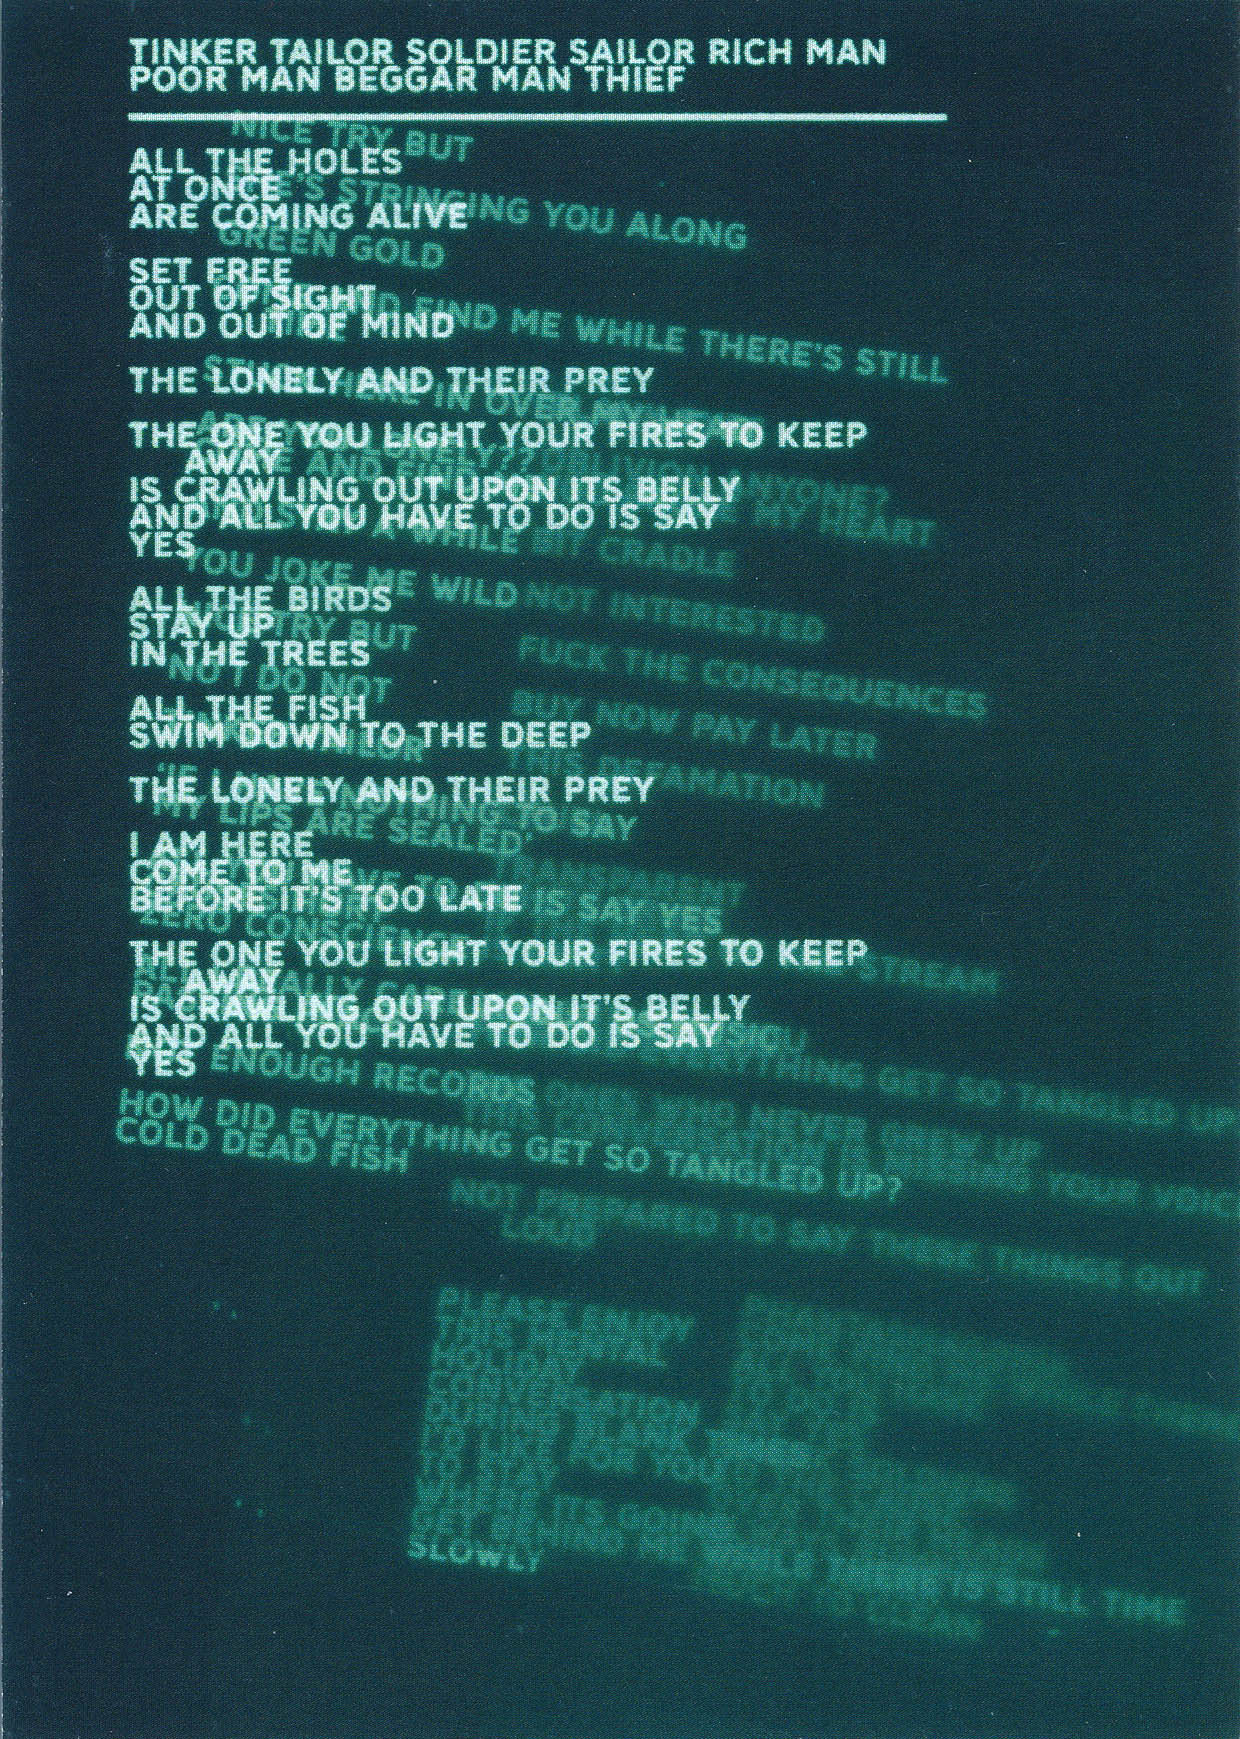 Desert Island Disk Lyrics